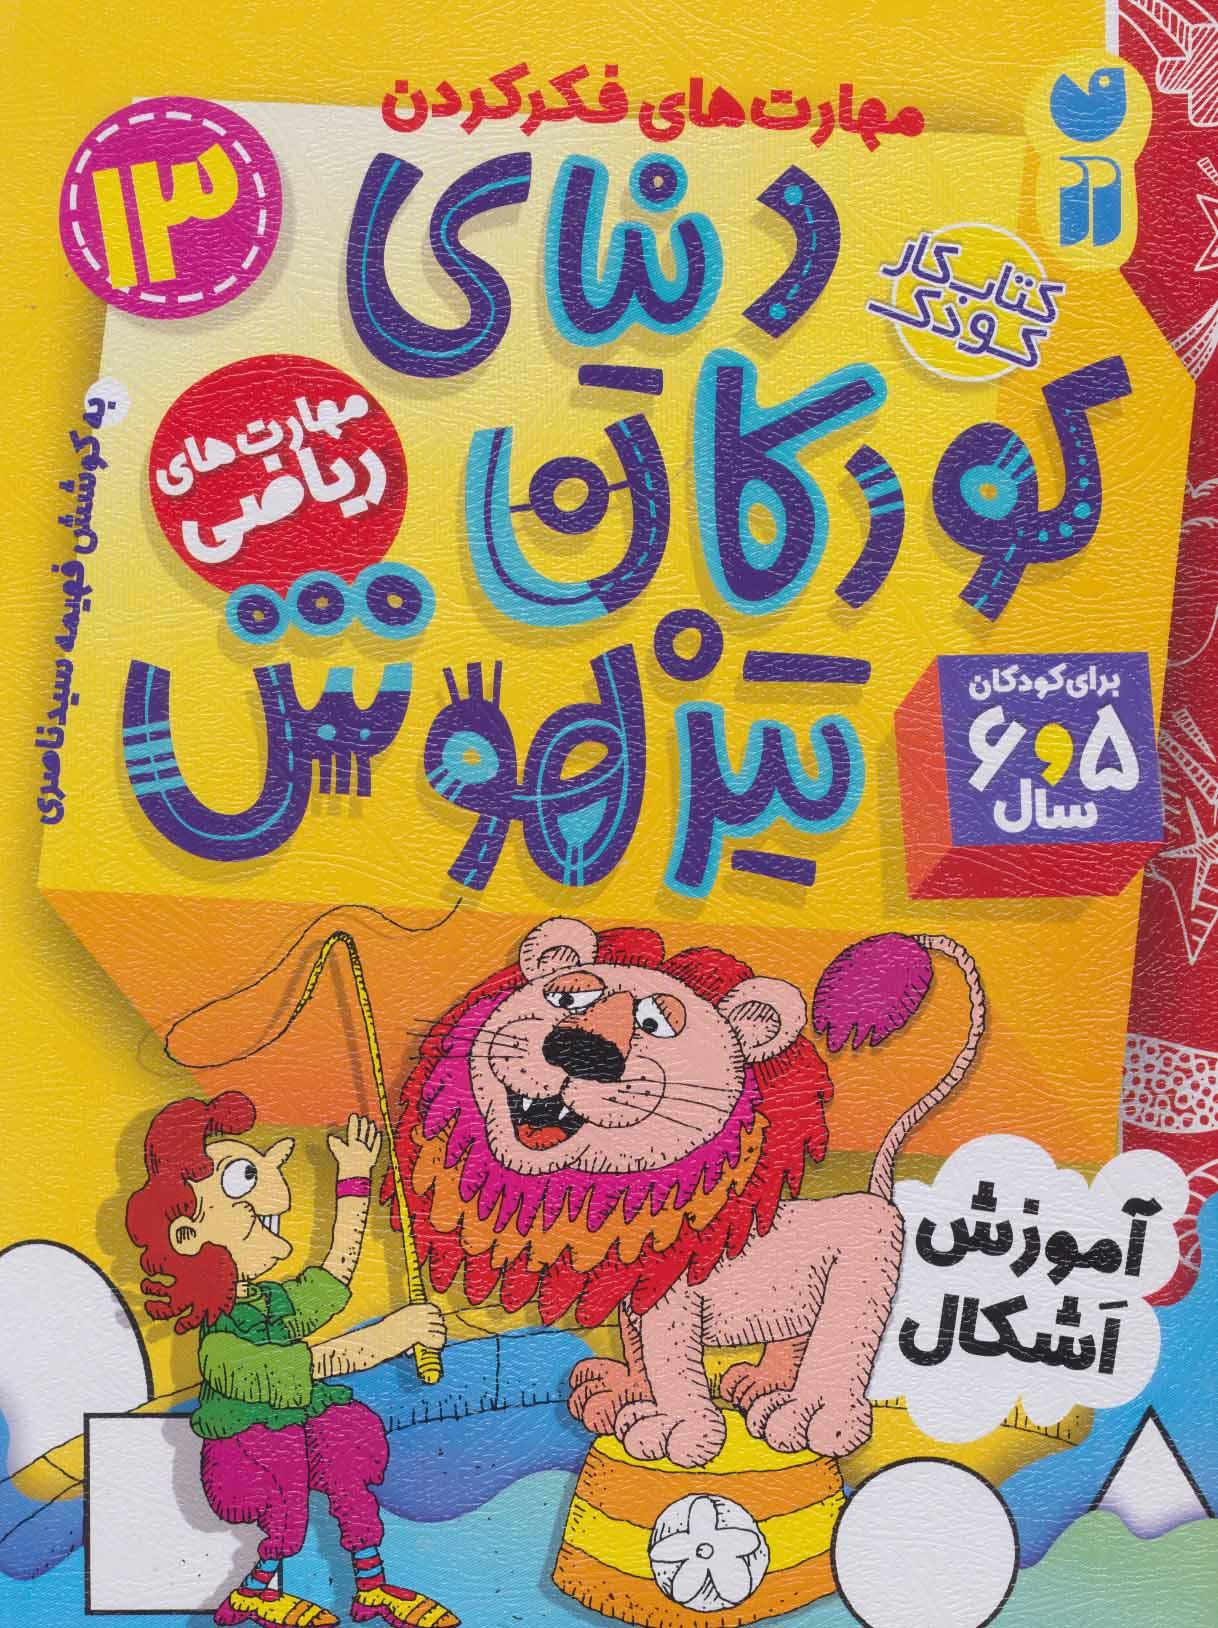 کتاب کار دنیای کودکان تیزهوش13 (مهارت های فکر کردن:آموزش اشکال)